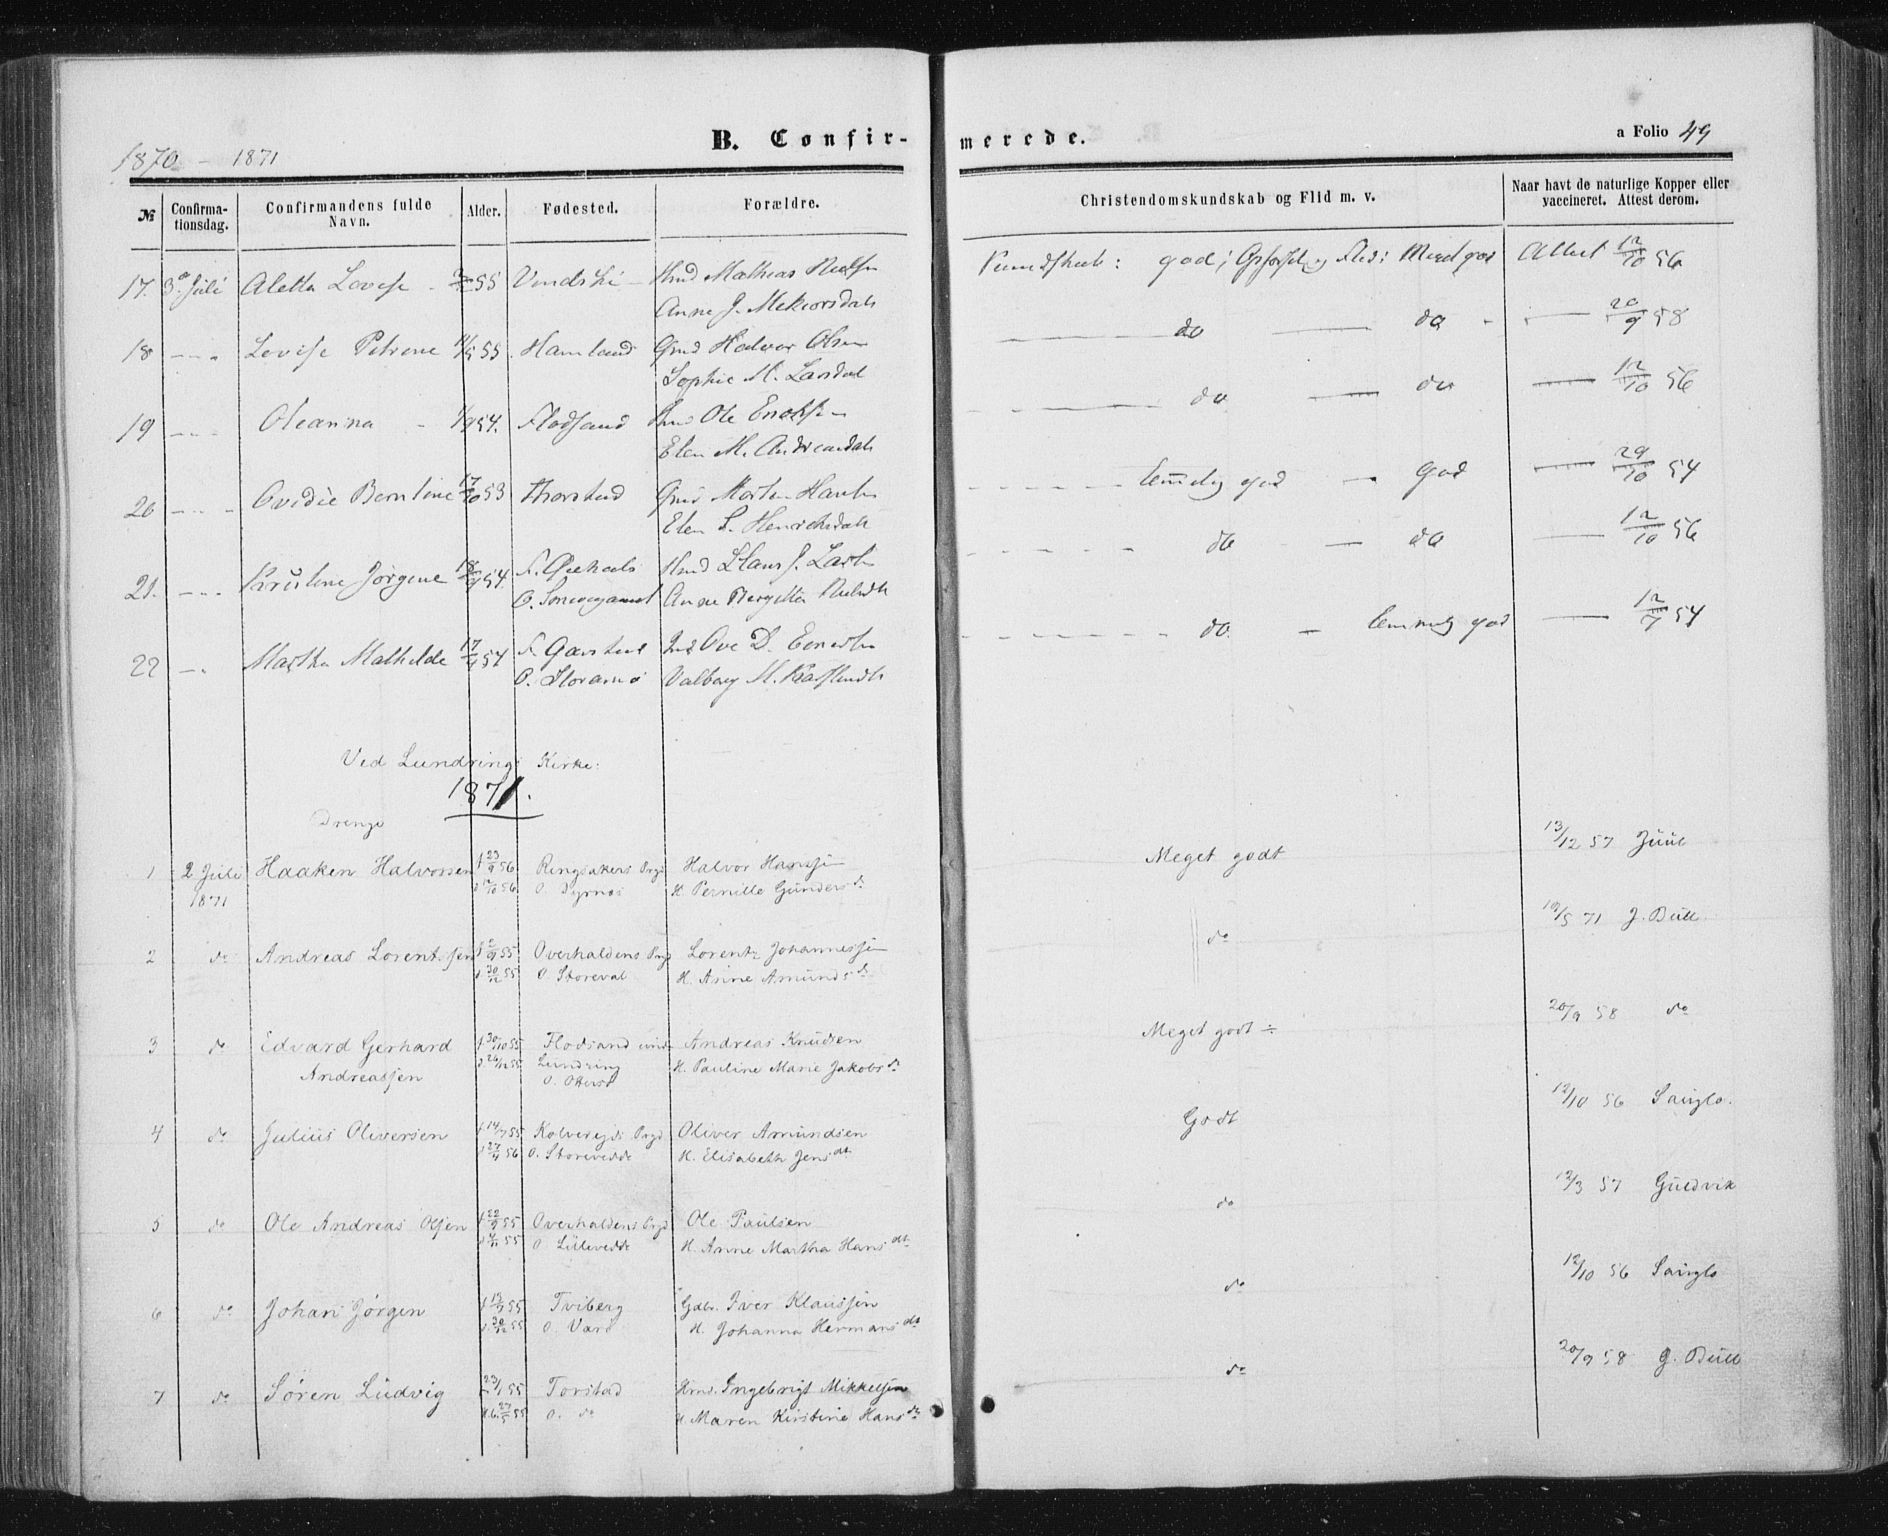 SAT, Ministerialprotokoller, klokkerbøker og fødselsregistre - Nord-Trøndelag, 784/L0670: Ministerialbok nr. 784A05, 1860-1876, s. 49